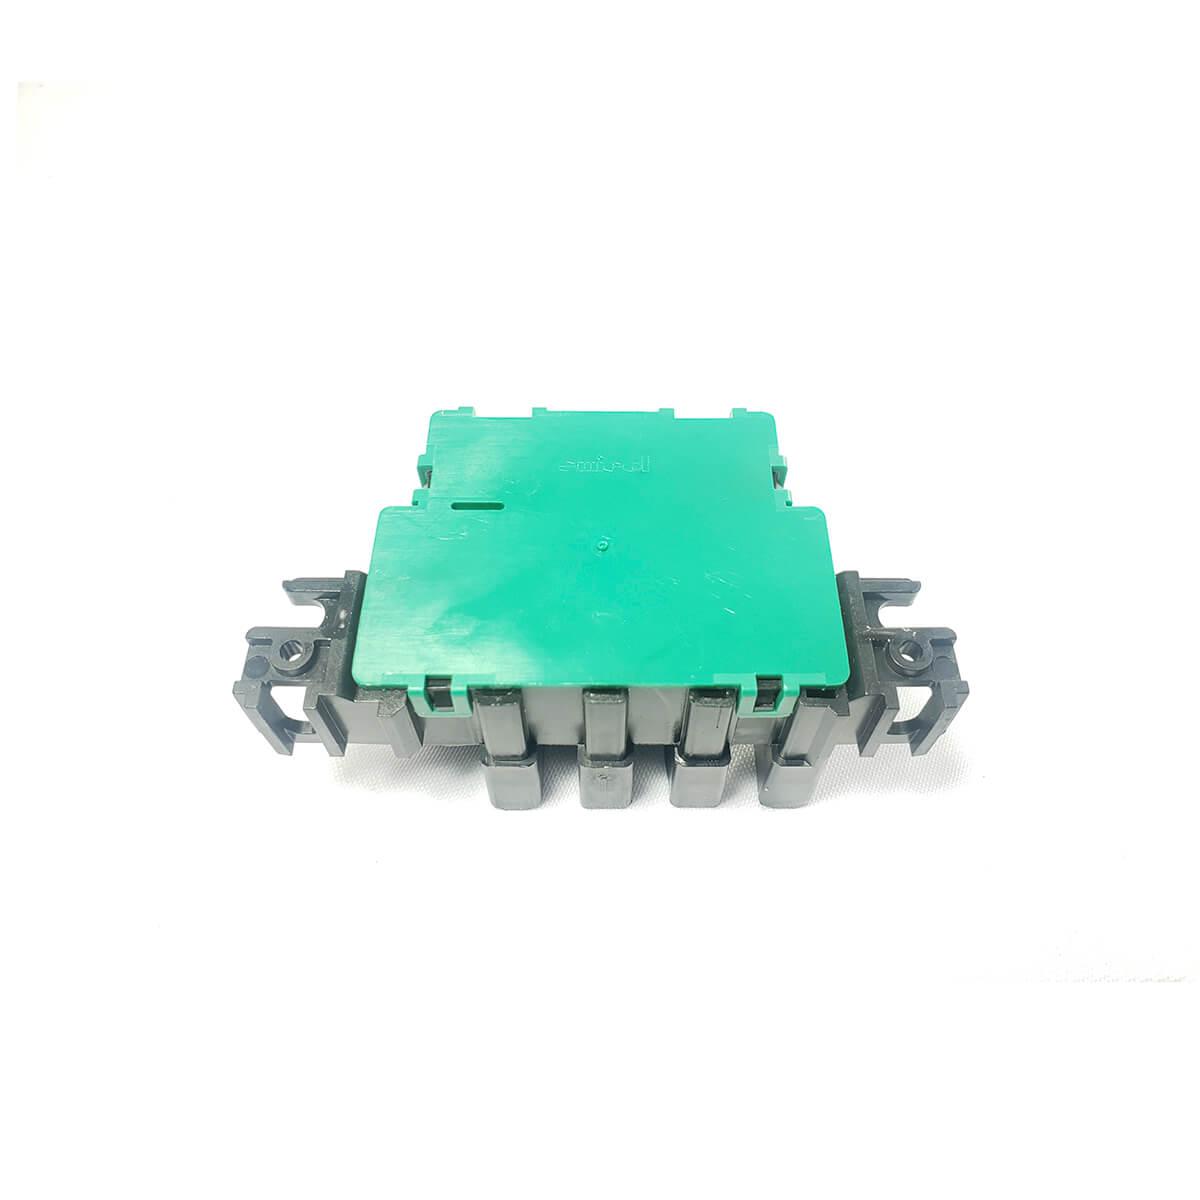 Usina Eletrônica 6 Saídas Bivolt Fogão Brastemp/Consul - W10362643